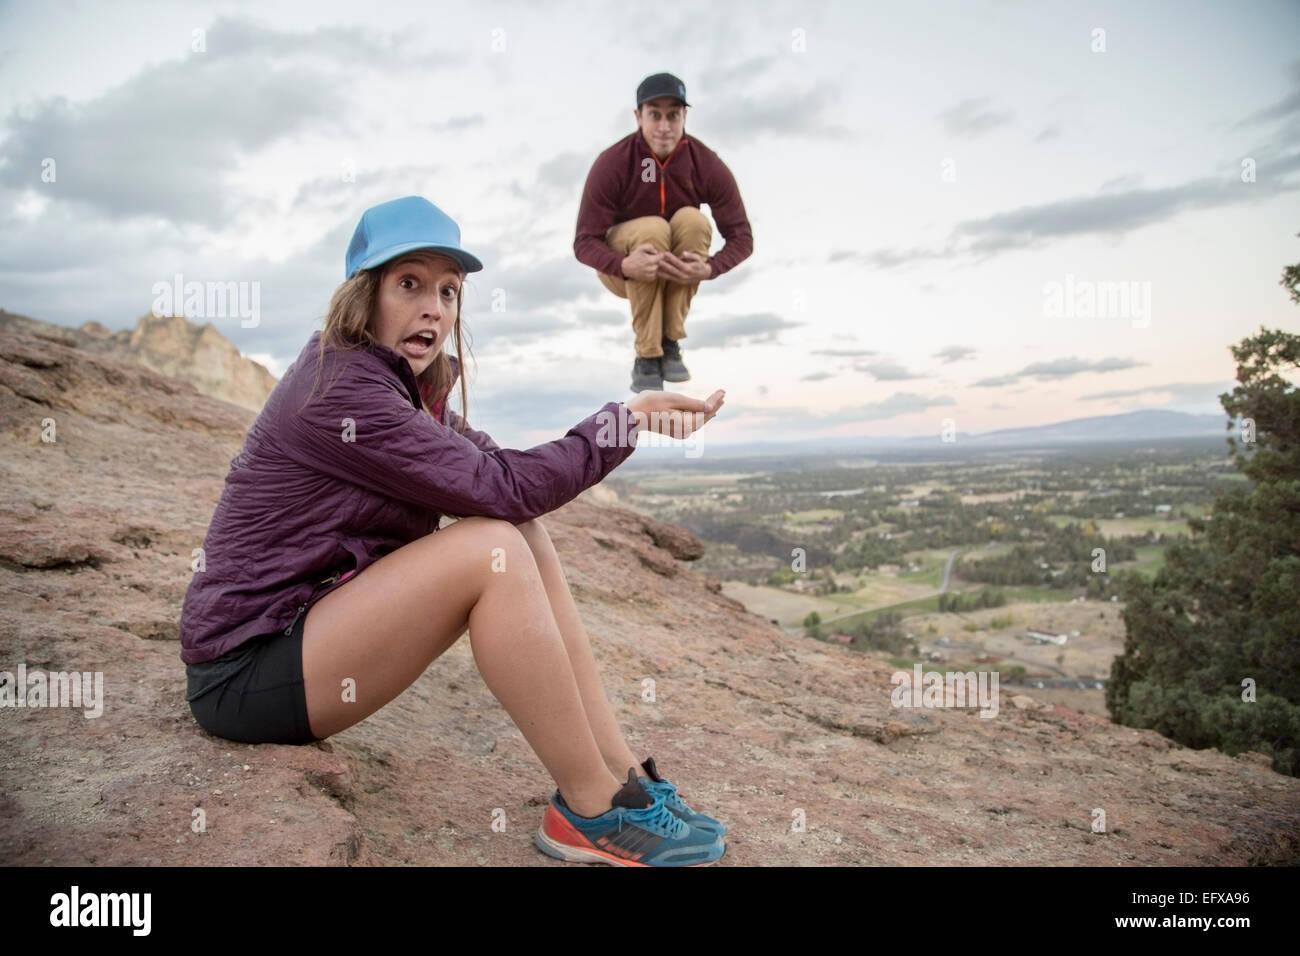 Joven saltando el aire en la parte superior de jóvenes muchachas mano, Smith Rock, Oregón, EE.UU. Imagen De Stock